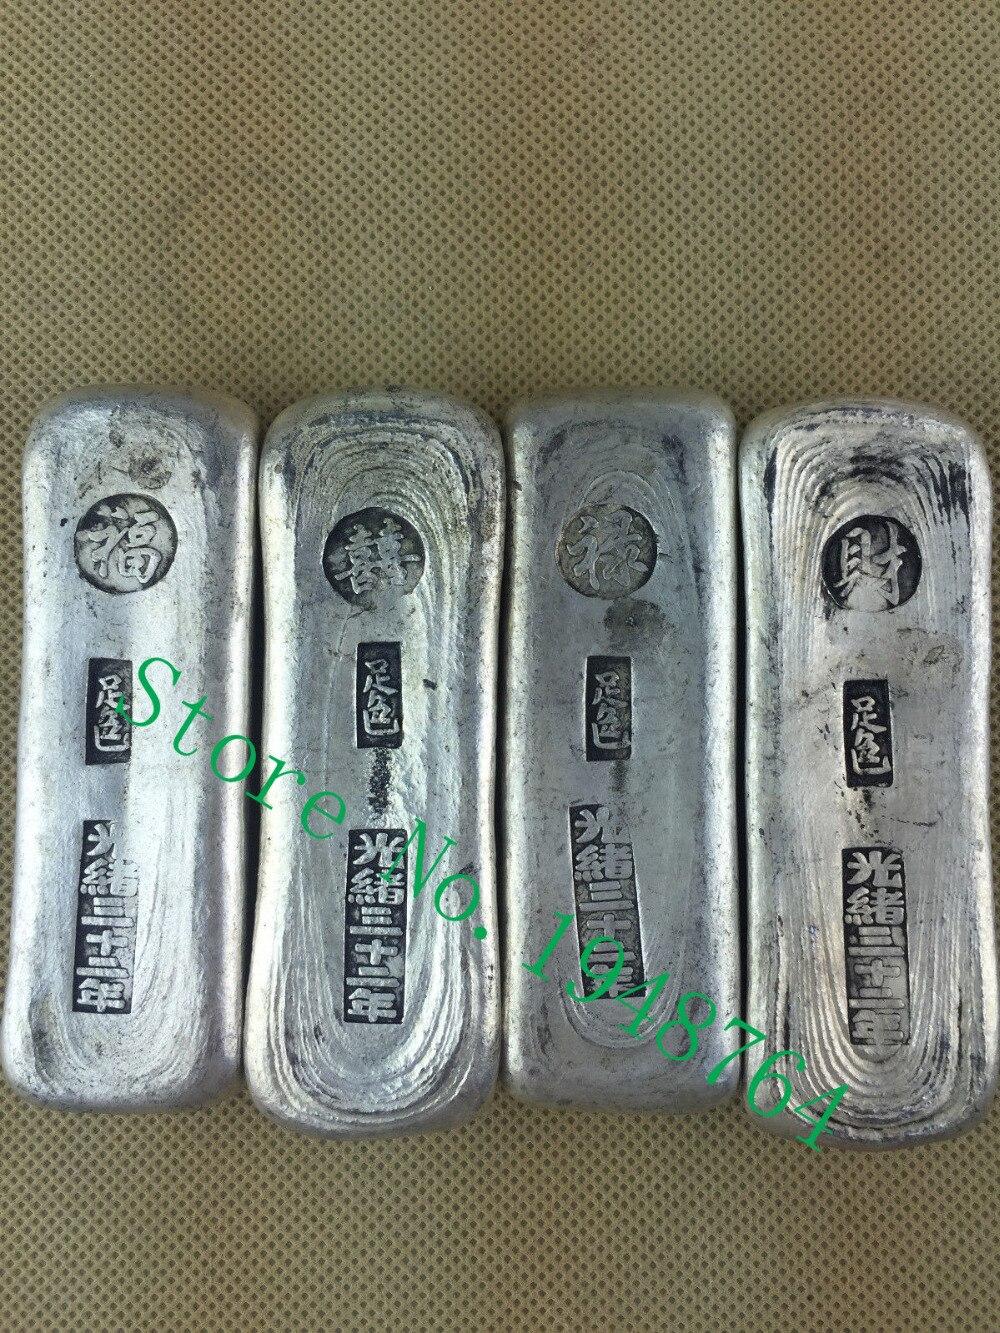 """4ks starožitných čínských stříbrných drahých kovů, kolekce stříbrných ingotů """"FU, XI, CAI, LU"""""""